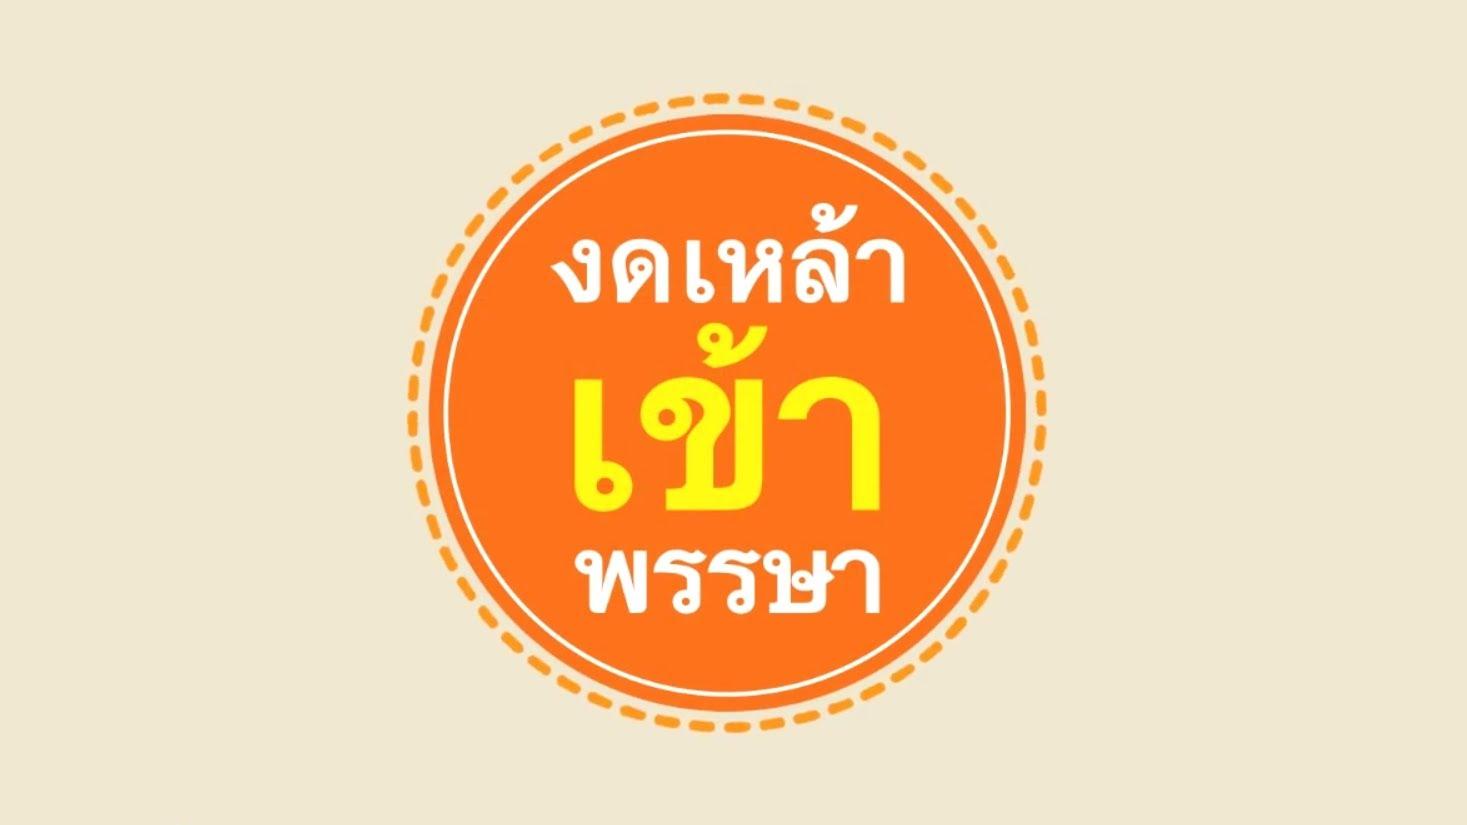 รวมพลังคนไทย งดเหล้าเข้าพรรษา เพื่อสร้างสังคมดีๆ